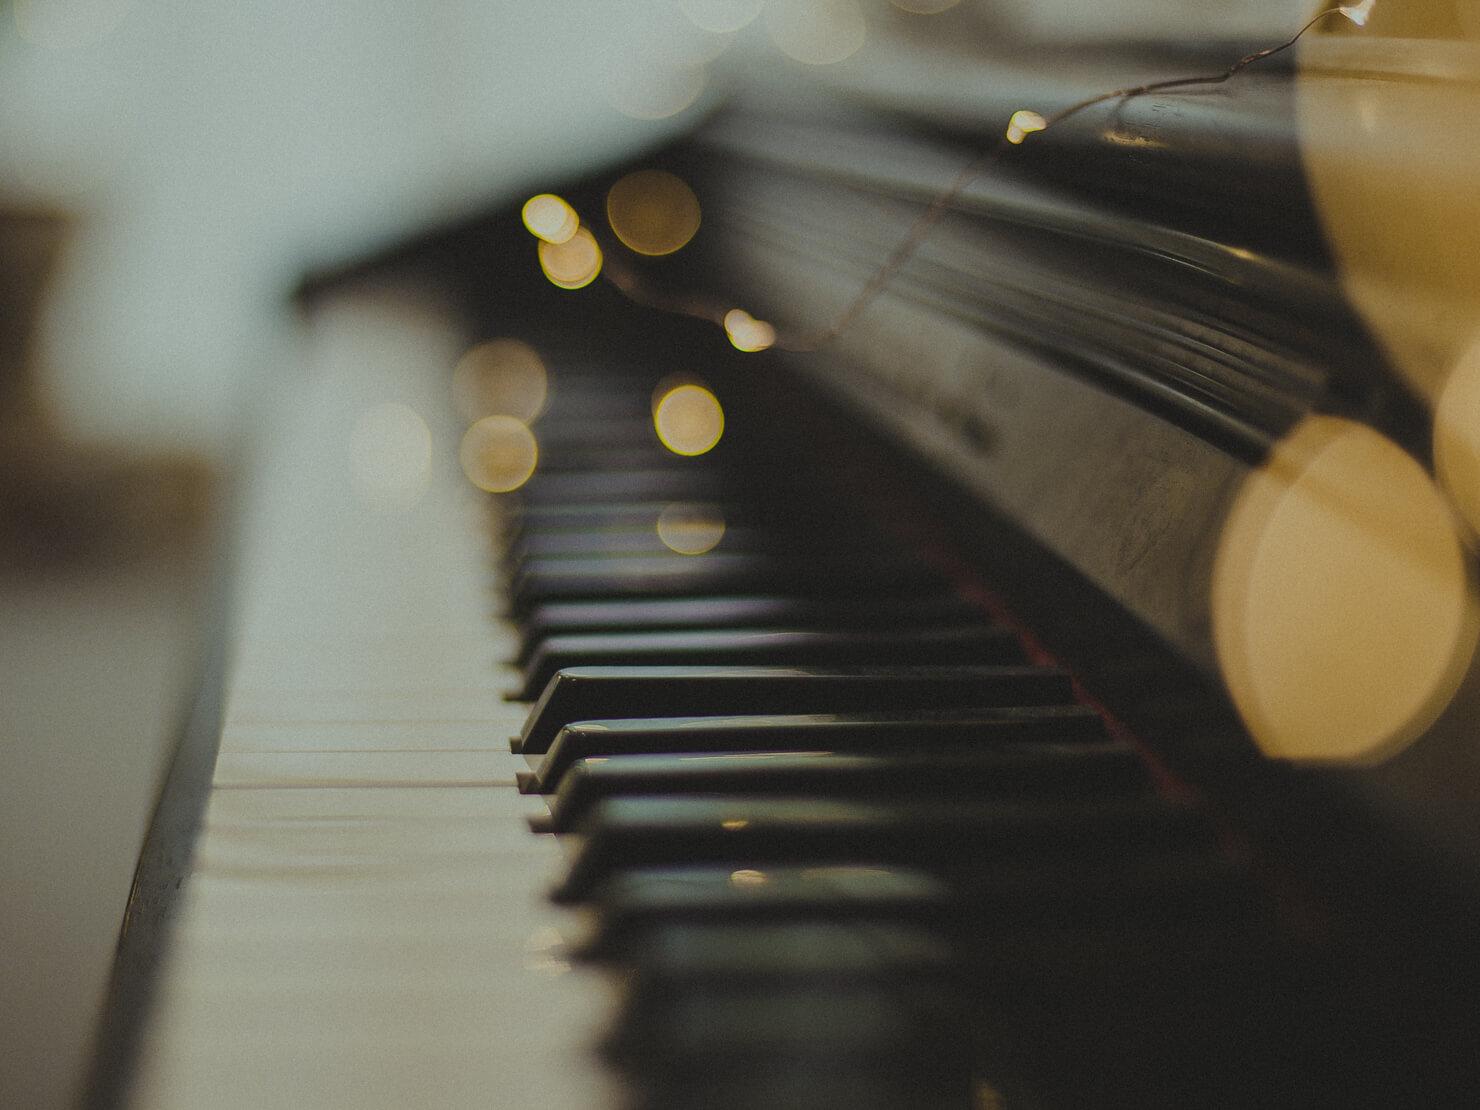 ピアノの鍵盤の写真